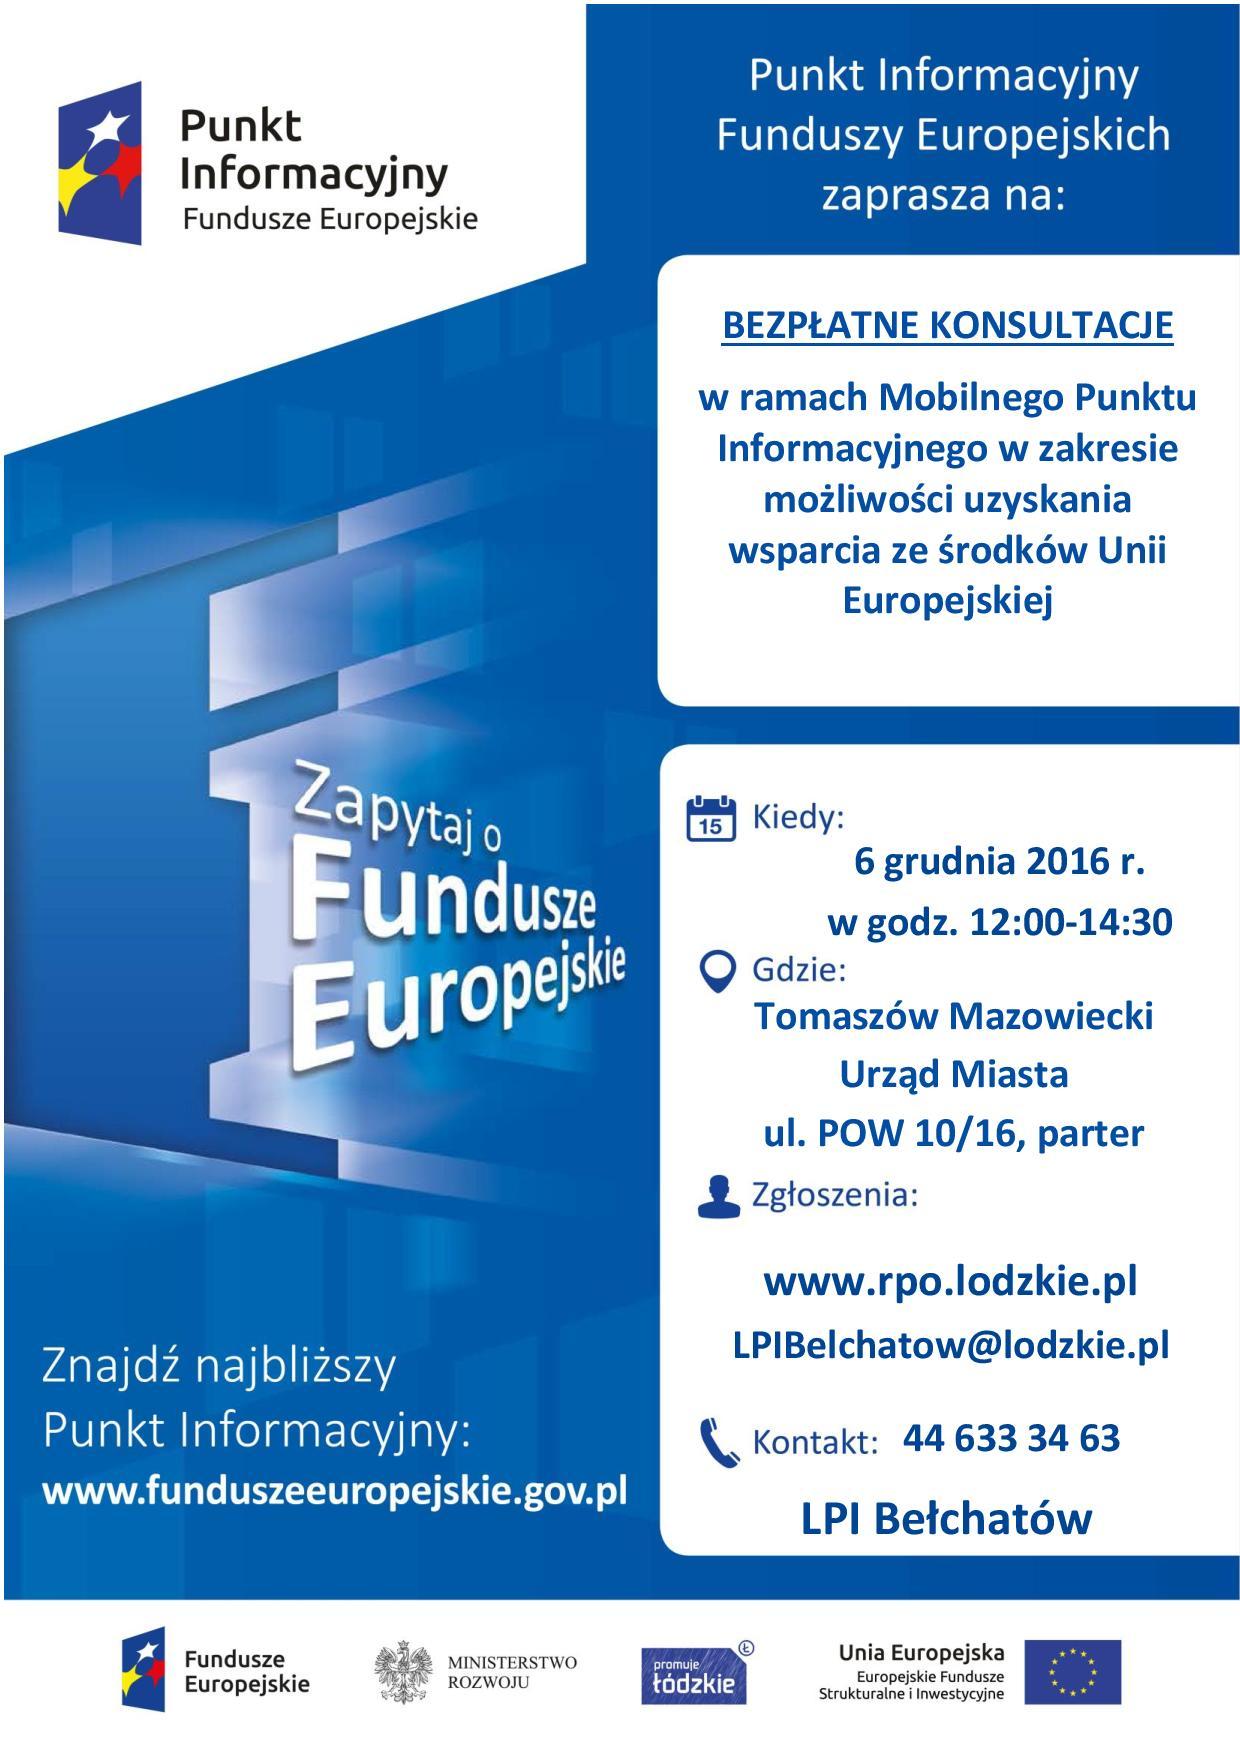 Plakat z informacjami o konsultacjach